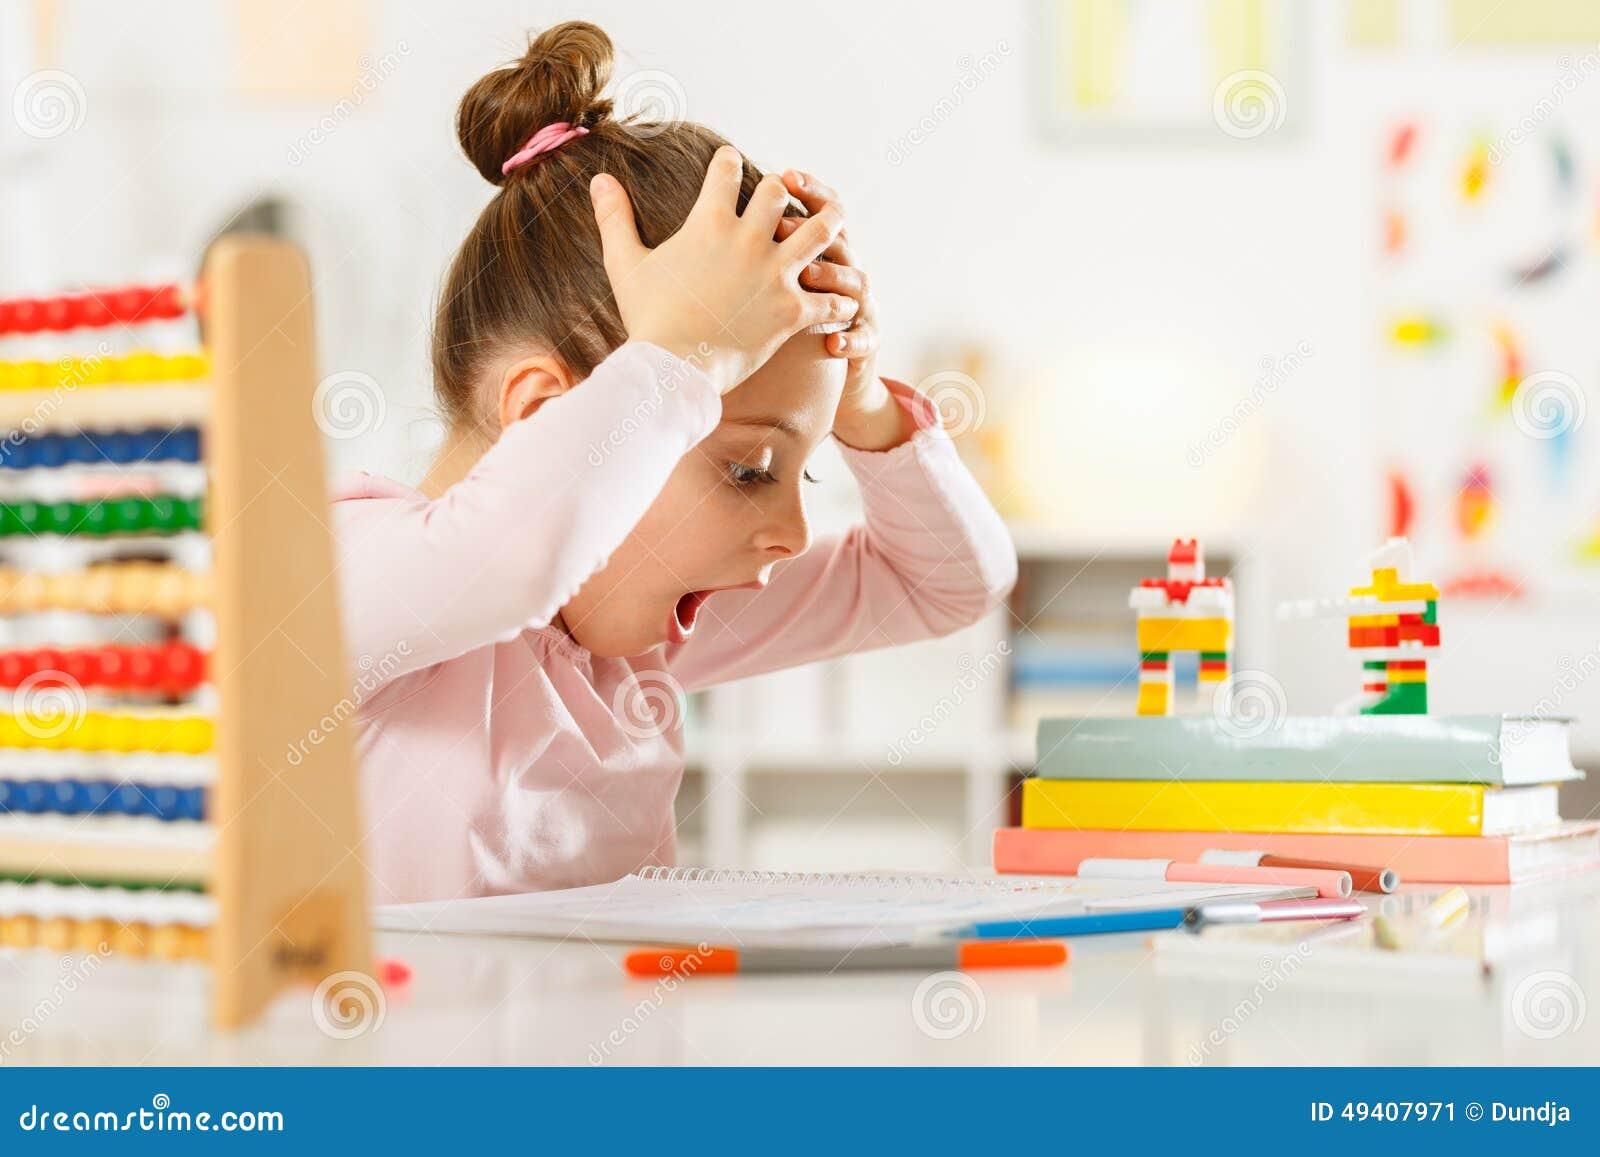 Download Kleines Mädchen Tut Hausarbeit Stockbild - Bild von kamera, kinder: 49407971